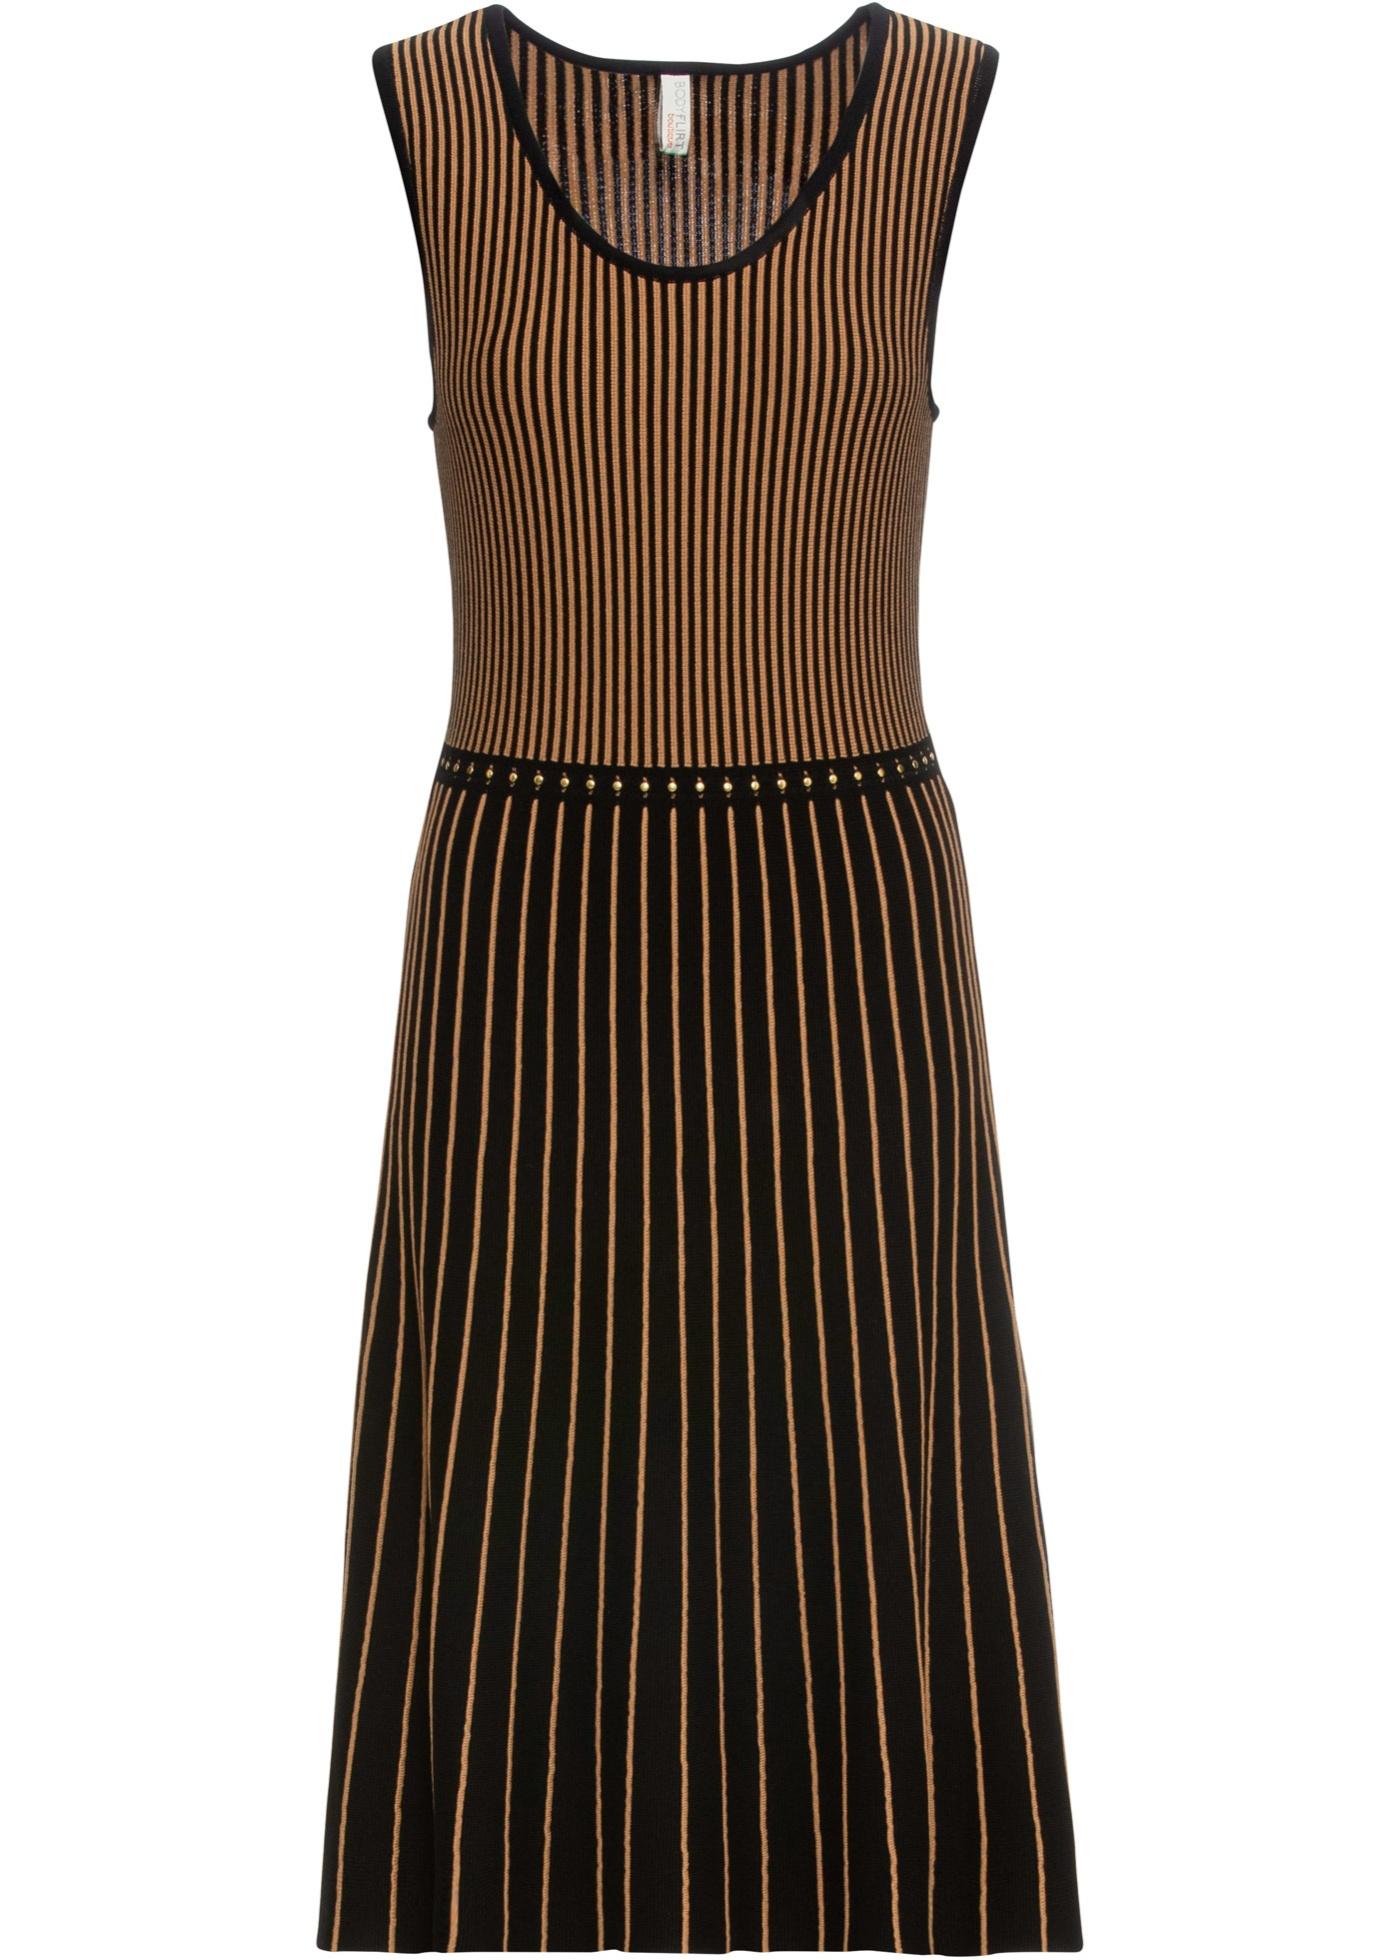 details zu strickkleid gr. 32/34 schwarz braun gestreift damen strick-kleid  abendkleid neu*